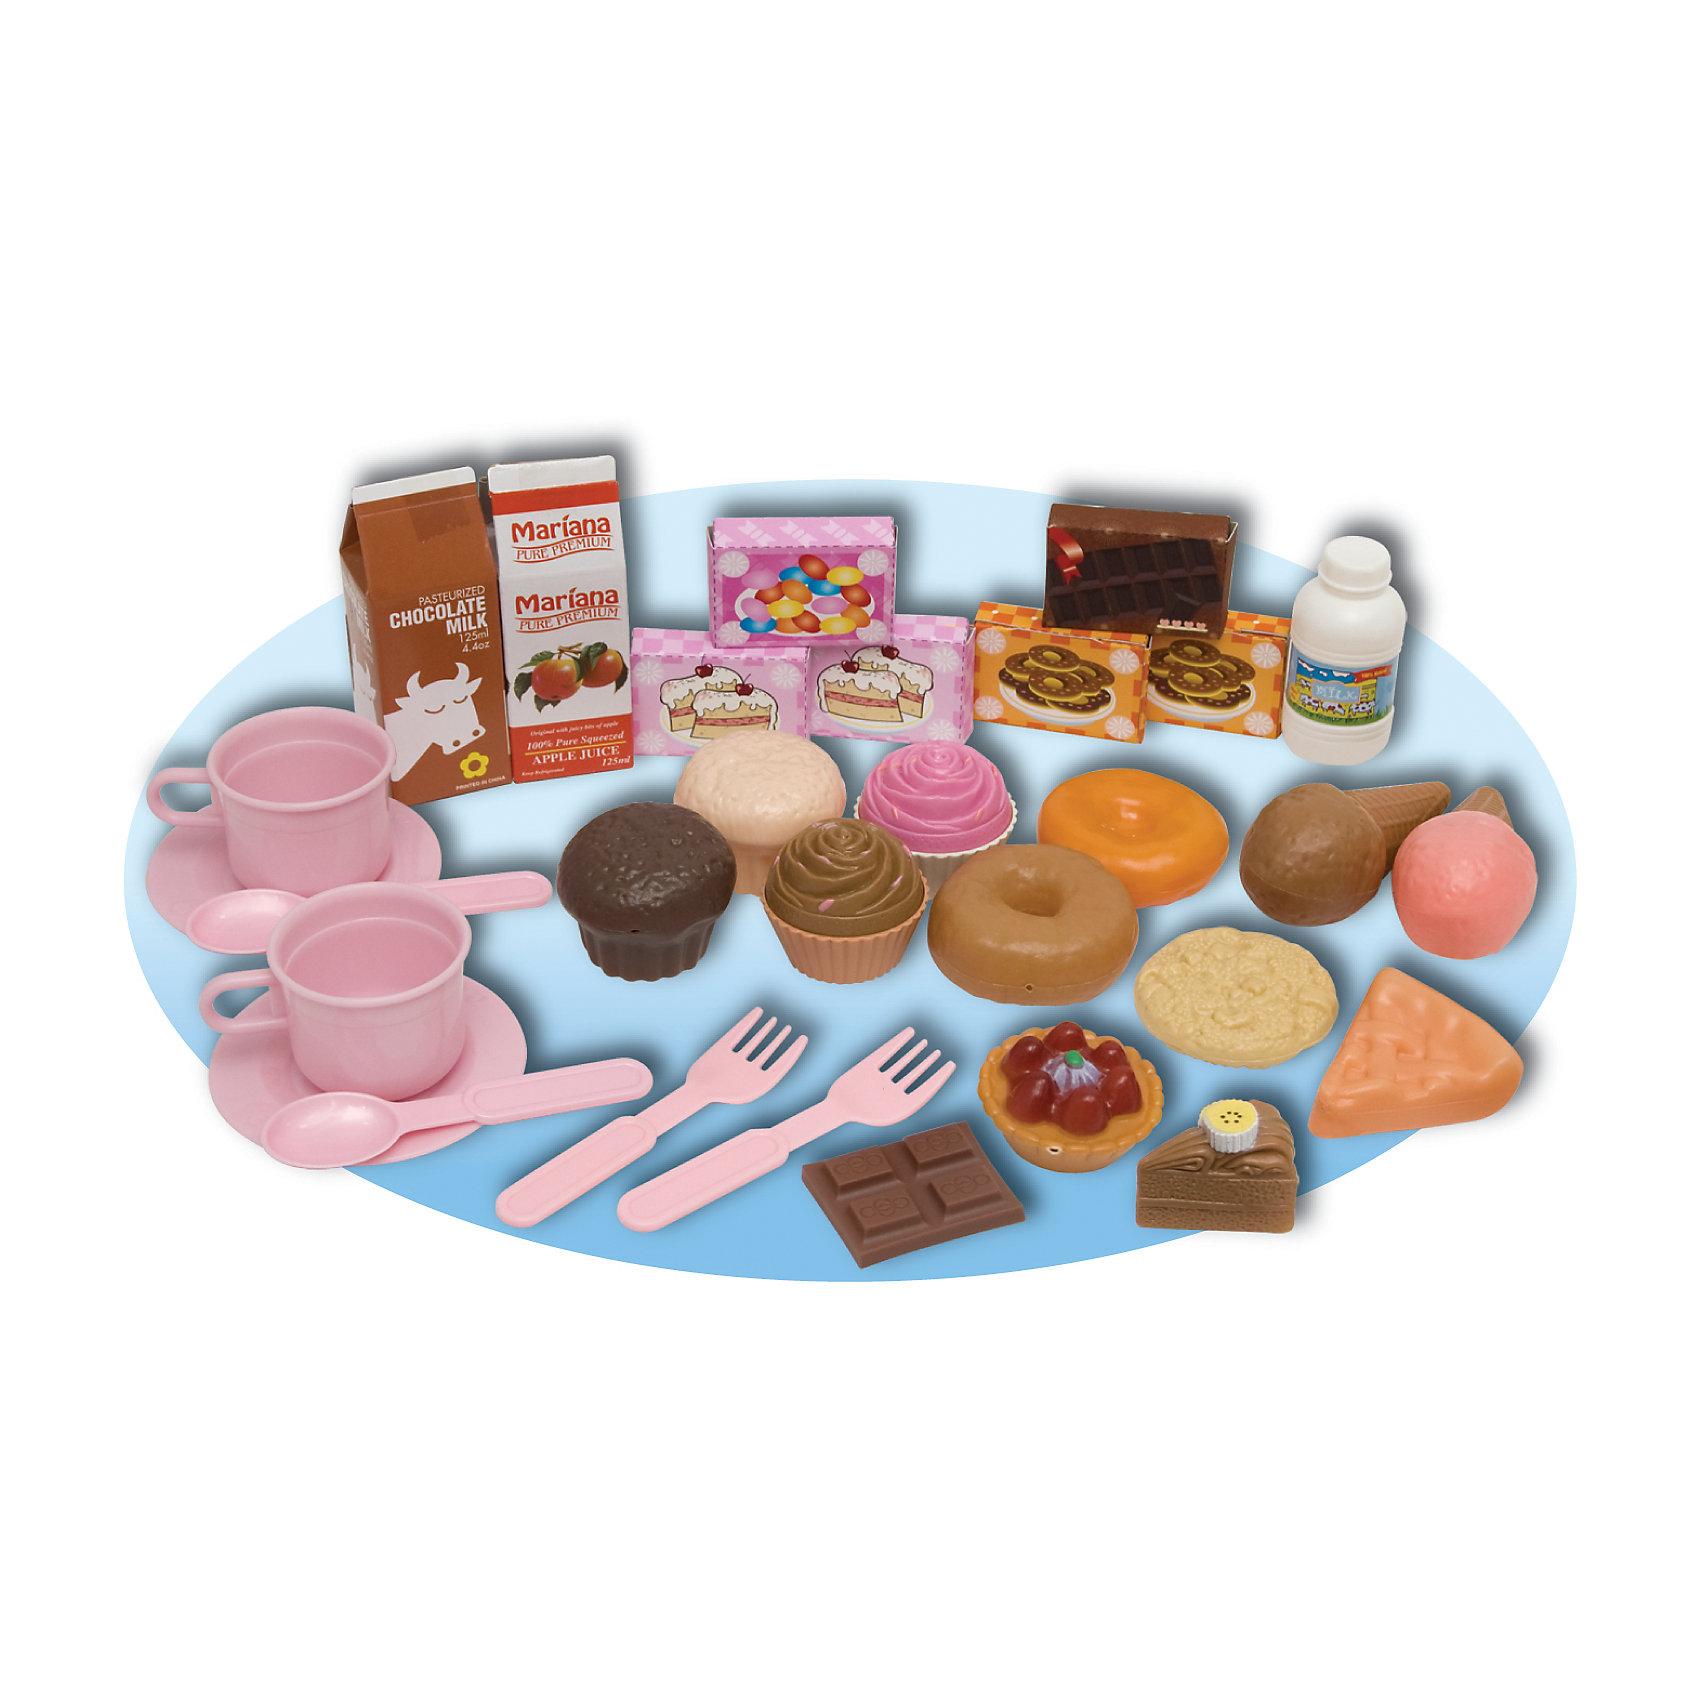 Игровой набор Приятное чаепитие, 30 шт., BoleyХарактеристики товара:<br><br>• 30 предметов<br>• размер упаковки: 32х30 x 5 см<br>• материал: пластик<br>• комплектация: кексы, пончики, пирожные, печенья, пакет с молоком, пакет с соком, посуда<br>• возраст: от трех лет<br>• страна бренда: США<br>• страна производства: Китай<br><br>Набор с большим количством предметов для игры в чаепитие - желанный подарок для девочки! Комплект очень качественно выполнен, отлично детализирован, благодаря множеству предметов в наборе с ним можно придумать множество игр! С таким комплектом девочка сможет весело и с пользой провести время, ведь чаепитие - одна из любимых дестких игр!<br>Подобные игры помогают девочкам развивать важные социальные навыки и способности, они активизируют мышление, логику, развивают мелкую моторику и воображение, помогает проработать сценарии взаимодействия с людьми. Изделие производится из качественных сертифицированных материалов, безопасных даже для самых маленьких.<br><br>Игровой набор Приятное чаепитие, 30 шт., от бренда Boley можно купить в нашем интернет-магазине.<br><br>Ширина мм: 320<br>Глубина мм: 300<br>Высота мм: 50<br>Вес г: 418<br>Возраст от месяцев: 36<br>Возраст до месяцев: 2147483647<br>Пол: Женский<br>Возраст: Детский<br>SKU: 5224451